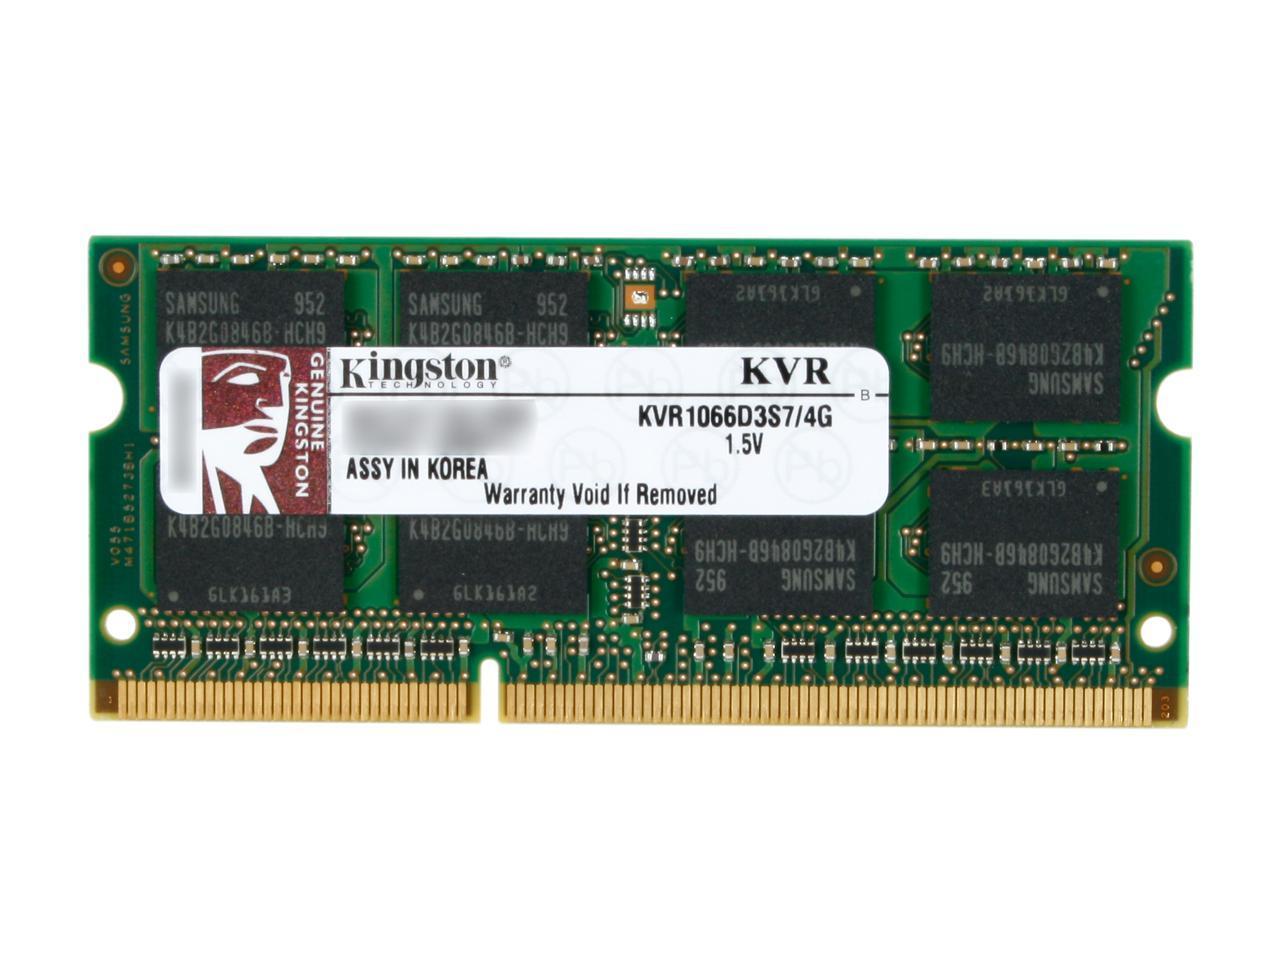 DDR3 1066MHz SODIMM PC3-8500 204-Pin Non-ECC Memory Upgrade Module A-Tech 4GB RAM for Toshiba Satellite E205-S1904